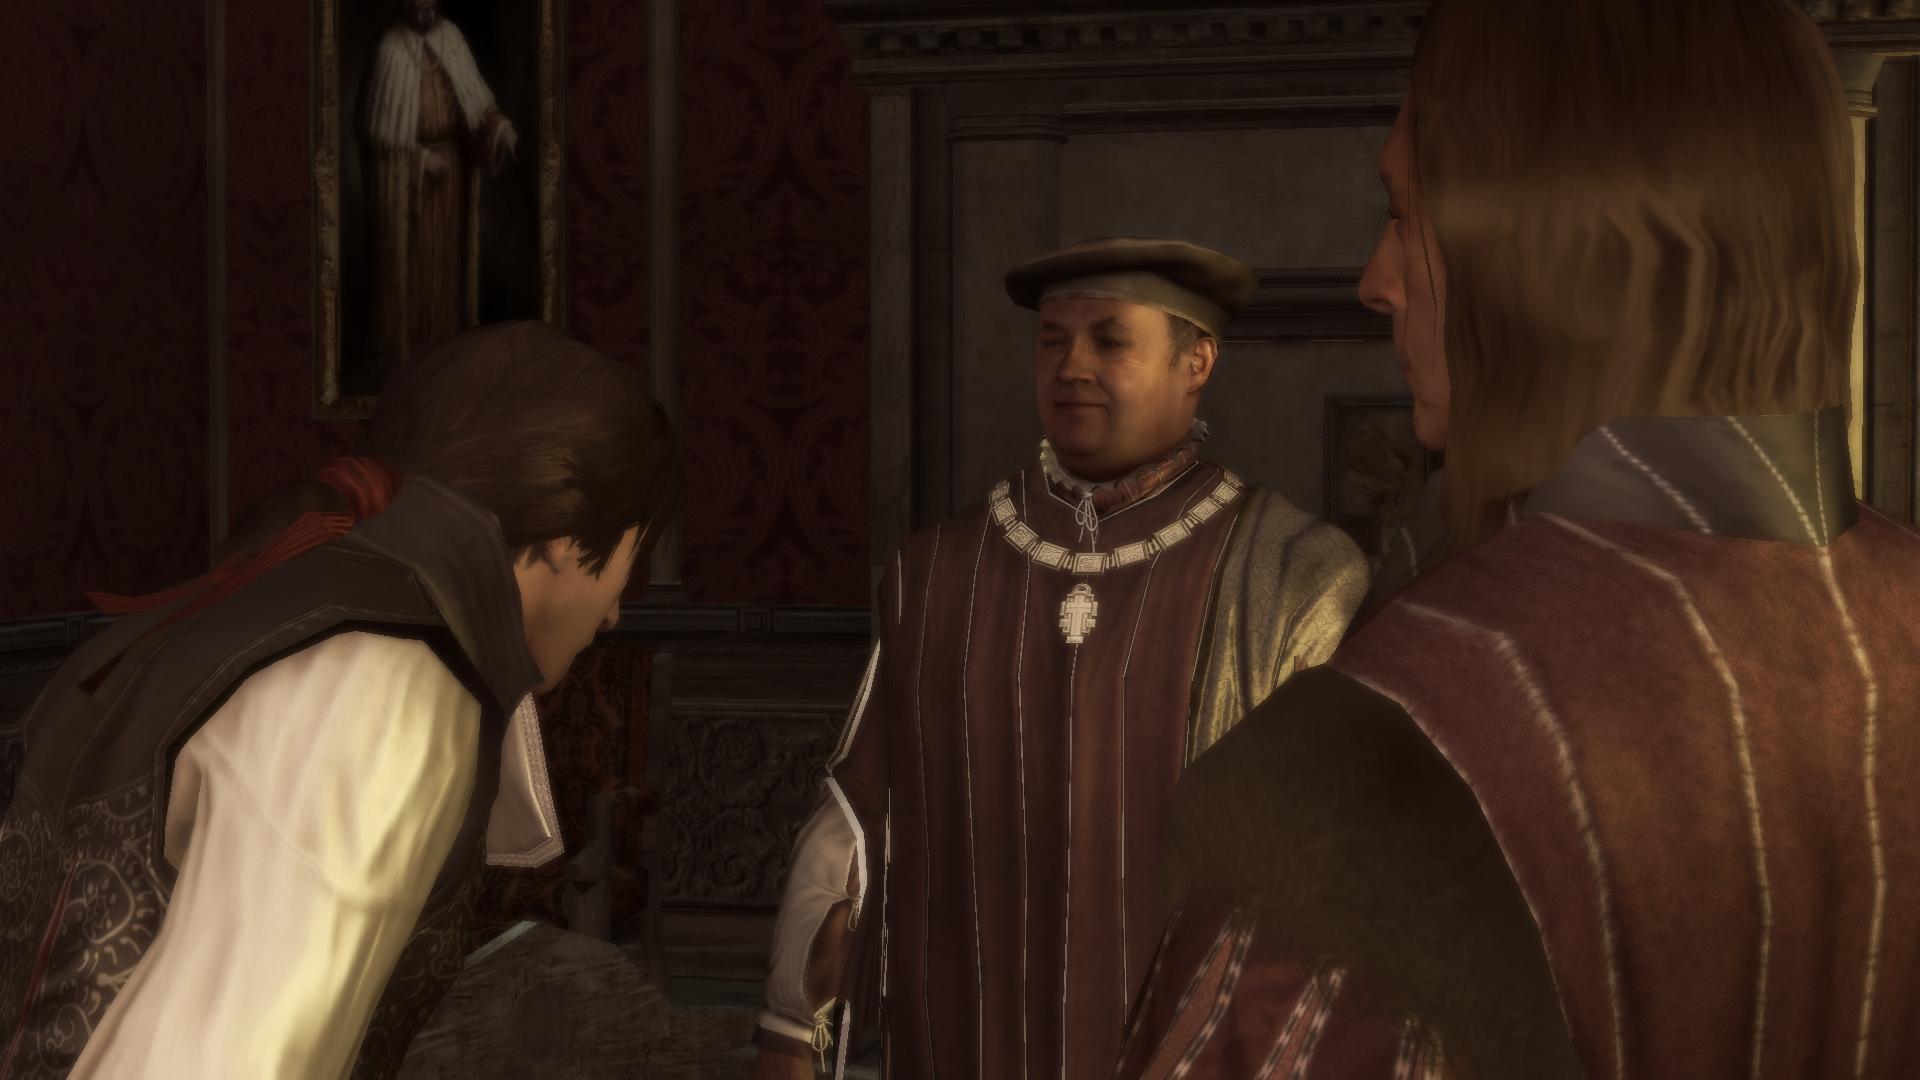 Giovanni Auditore Da Firenze Assassin S Creed Wiki Fandom